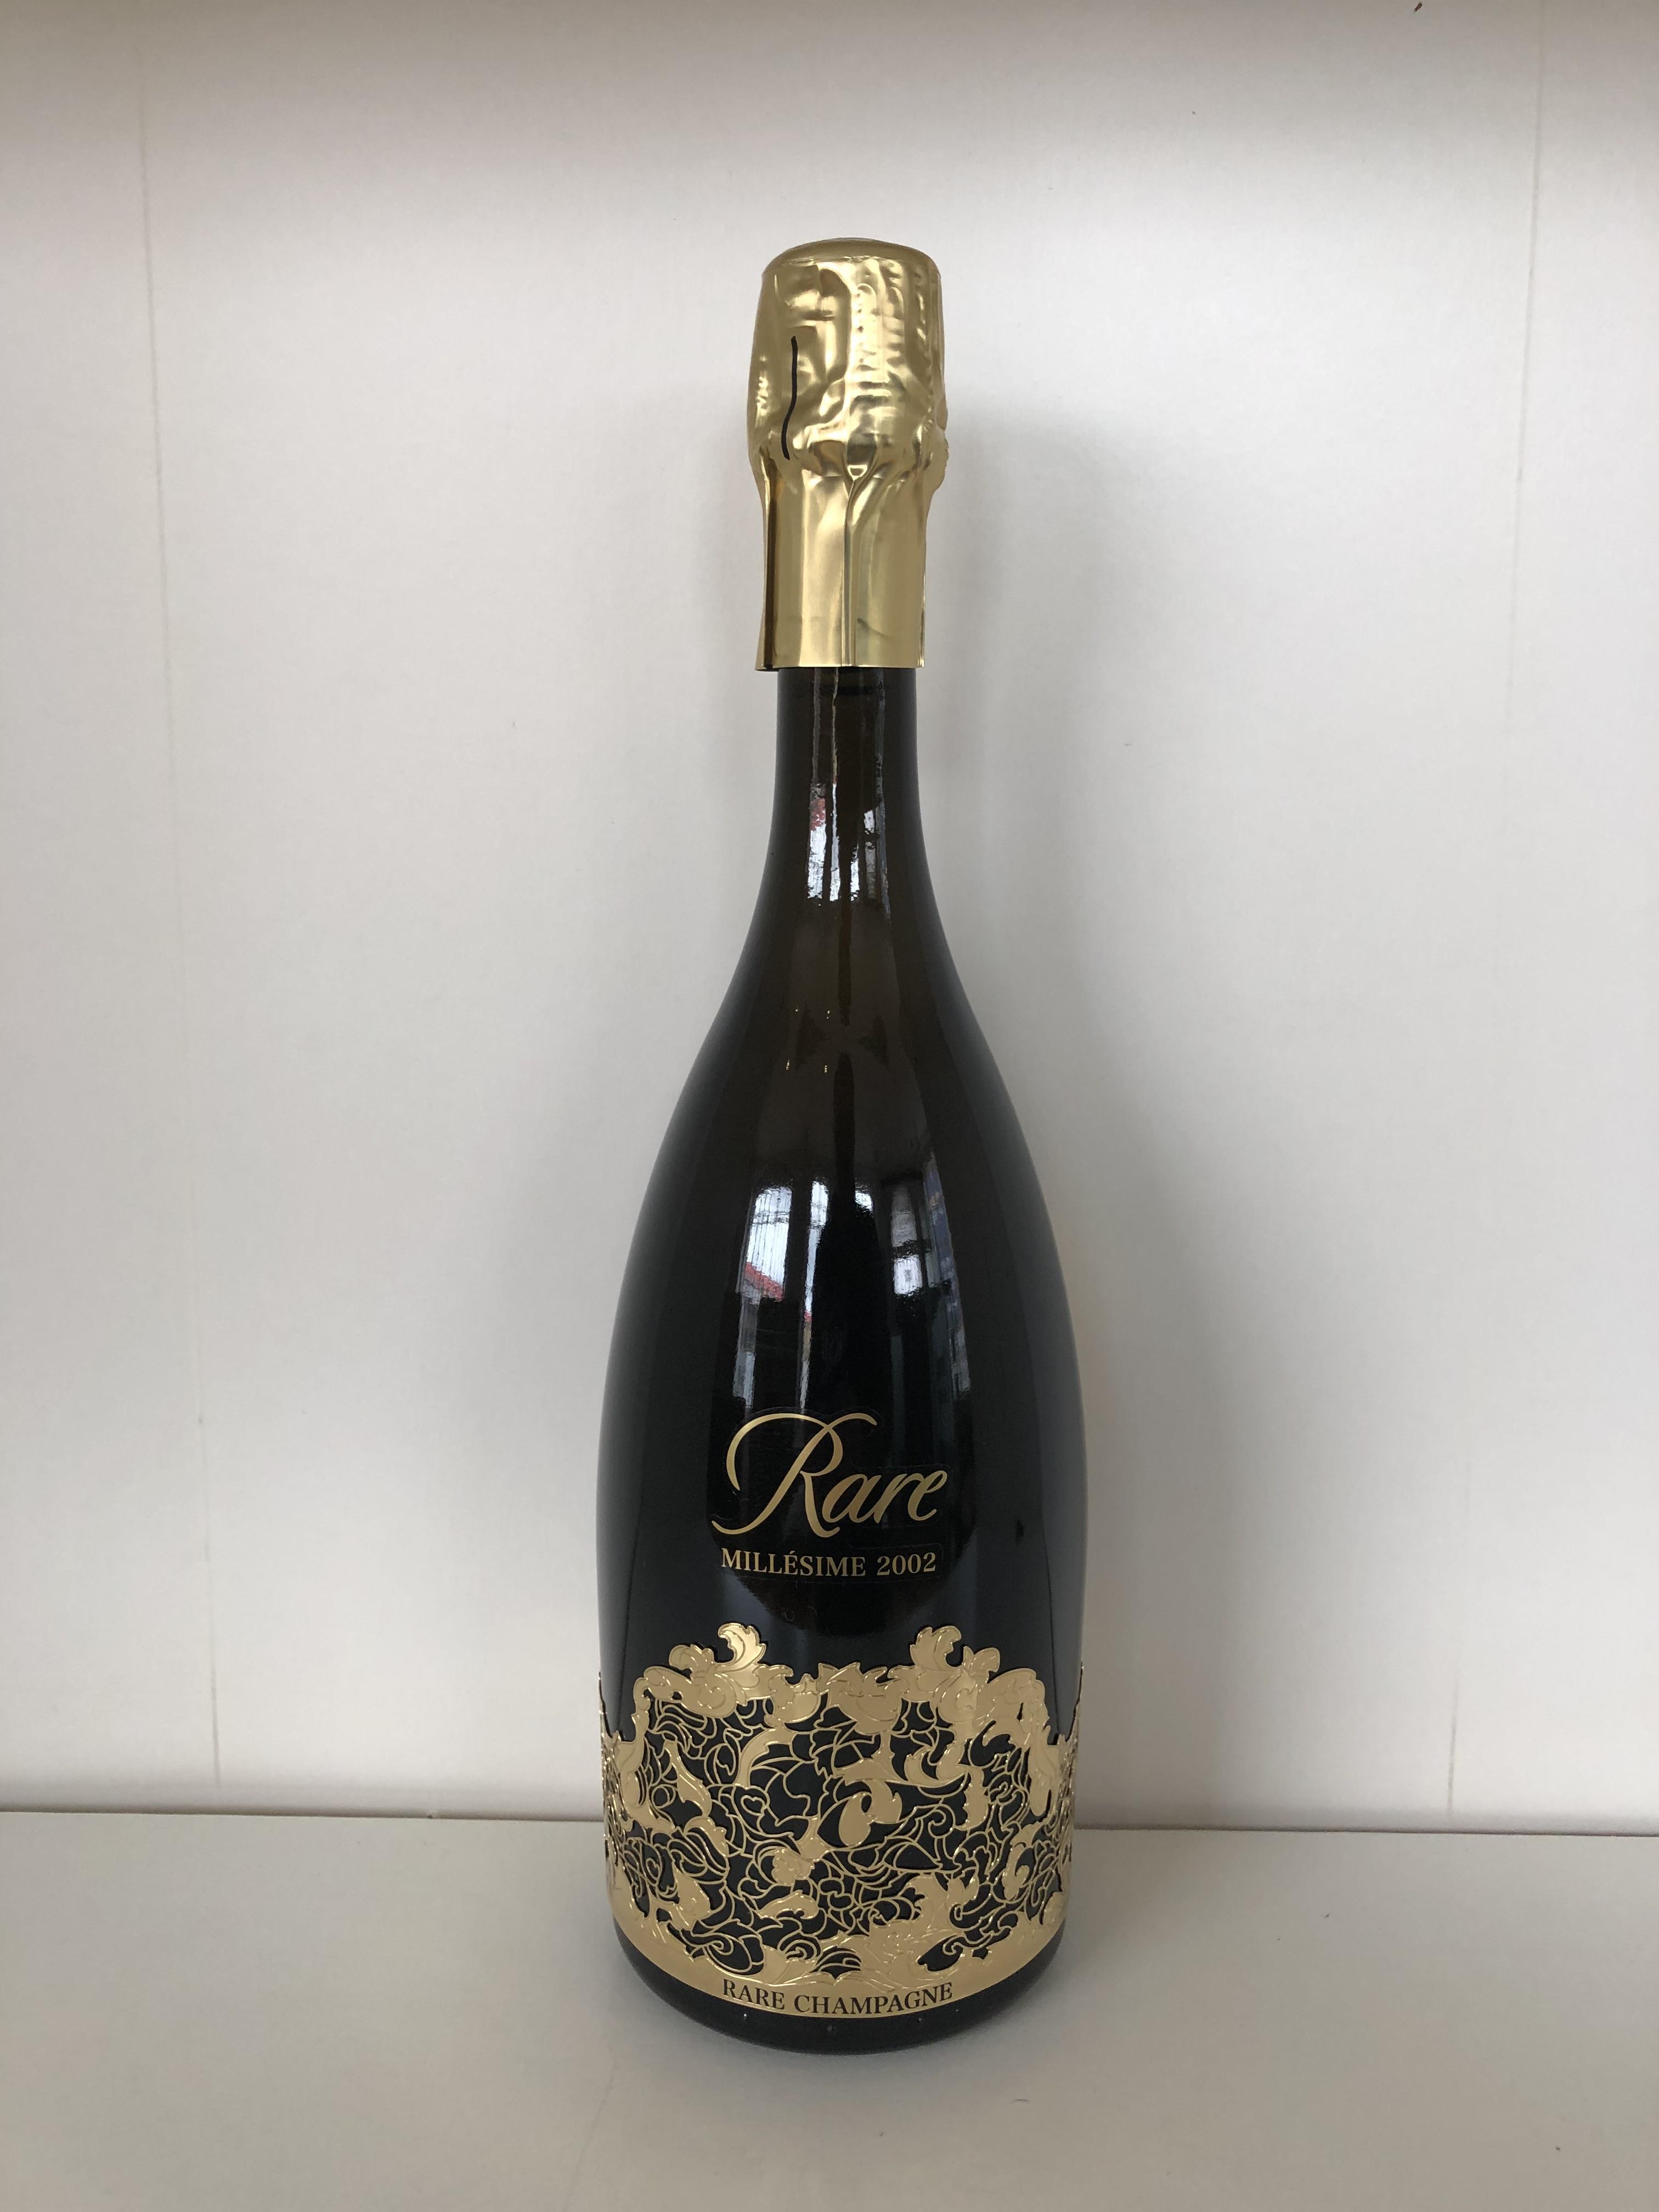 Lot 23 - 2002 Piper-Heidsieck Rare, Champagne, France, 3 bottles